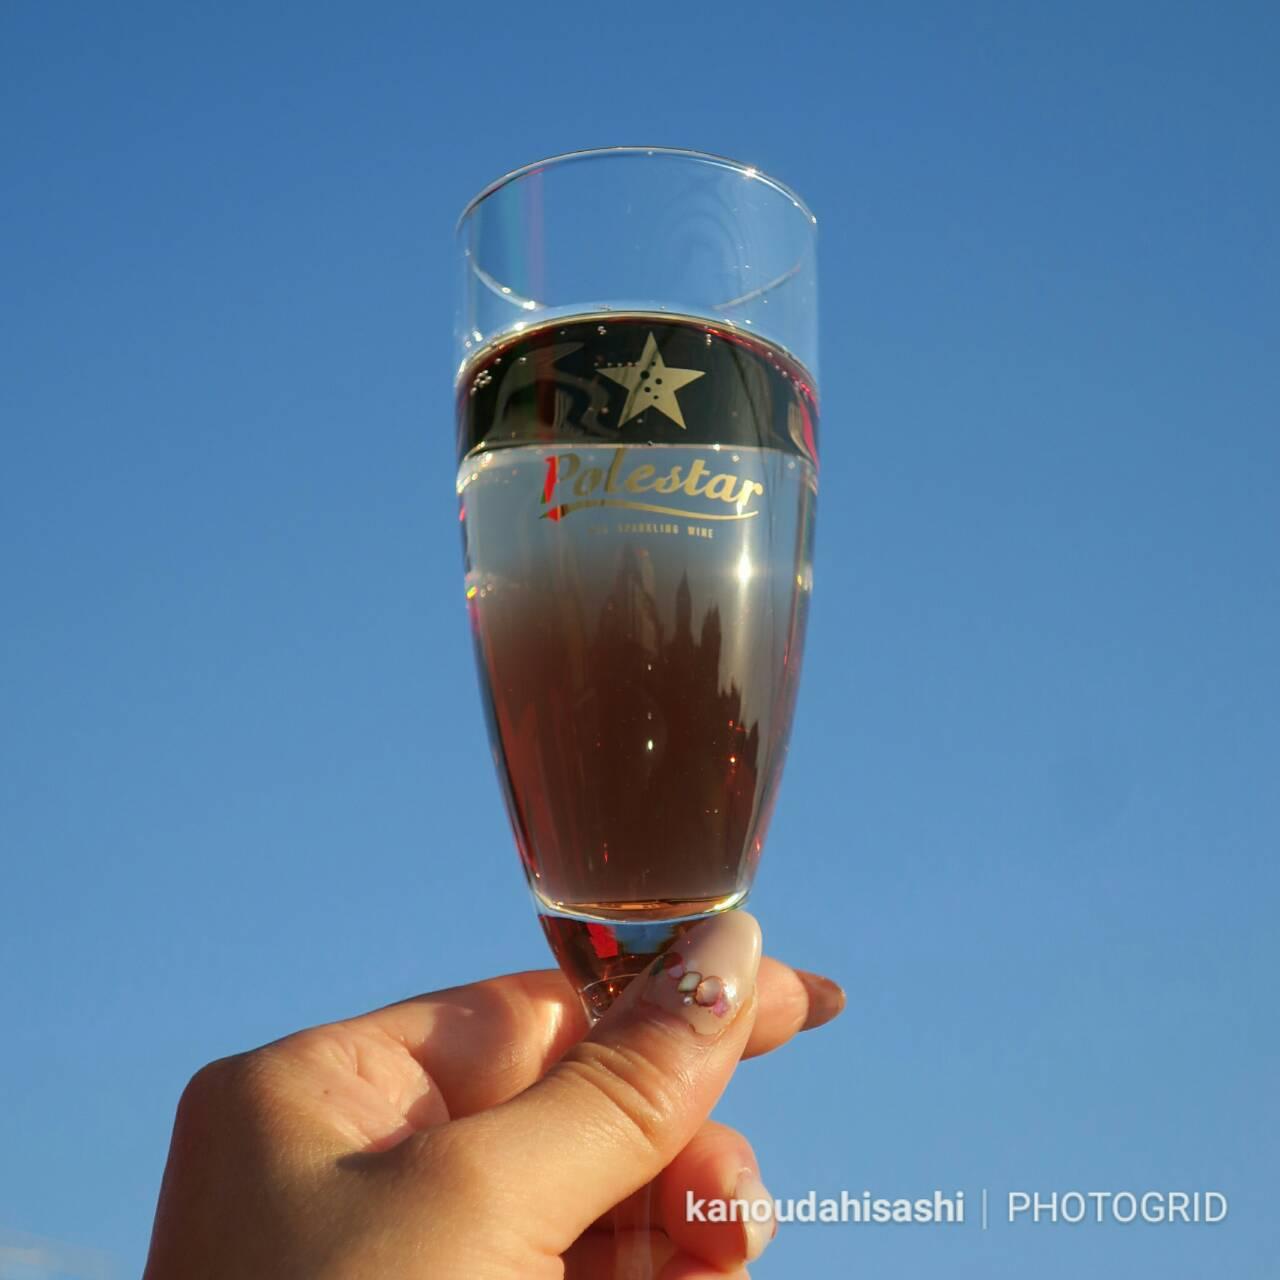 スパークリングワイン、冷えてます ♪page-visual スパークリングワイン、冷えてます ♪ビジュアル